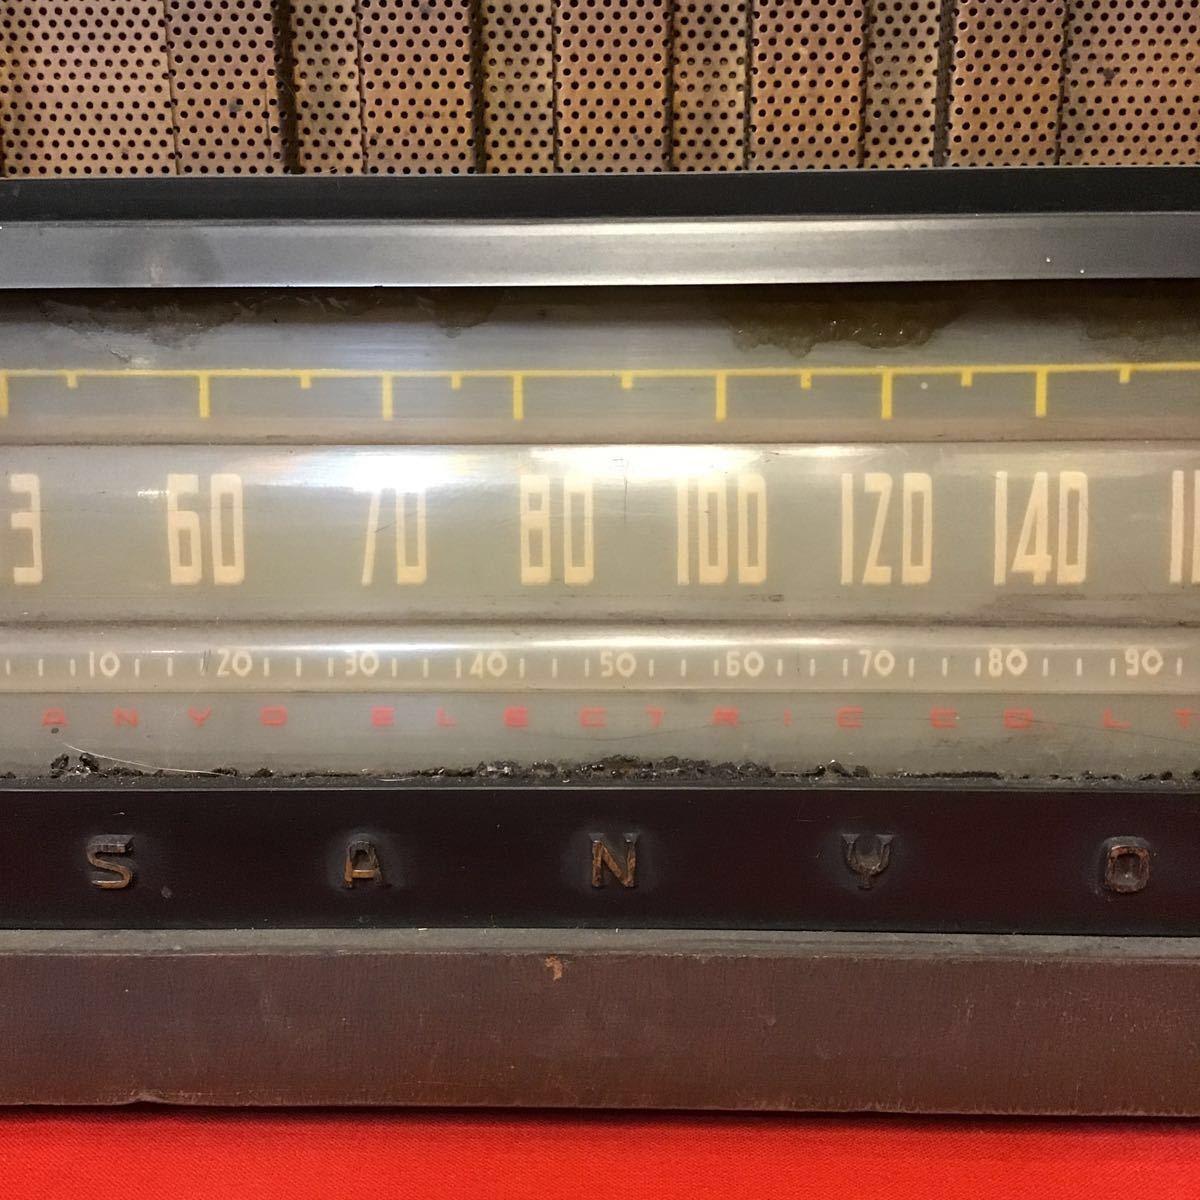 サンヨーラジオ 真空管ラジオ SS-702型 三洋電機株式会社 製品番号1635 ラジオ 当時の品 昭和レトロ レトロ ジャンク 真空管無し_画像4